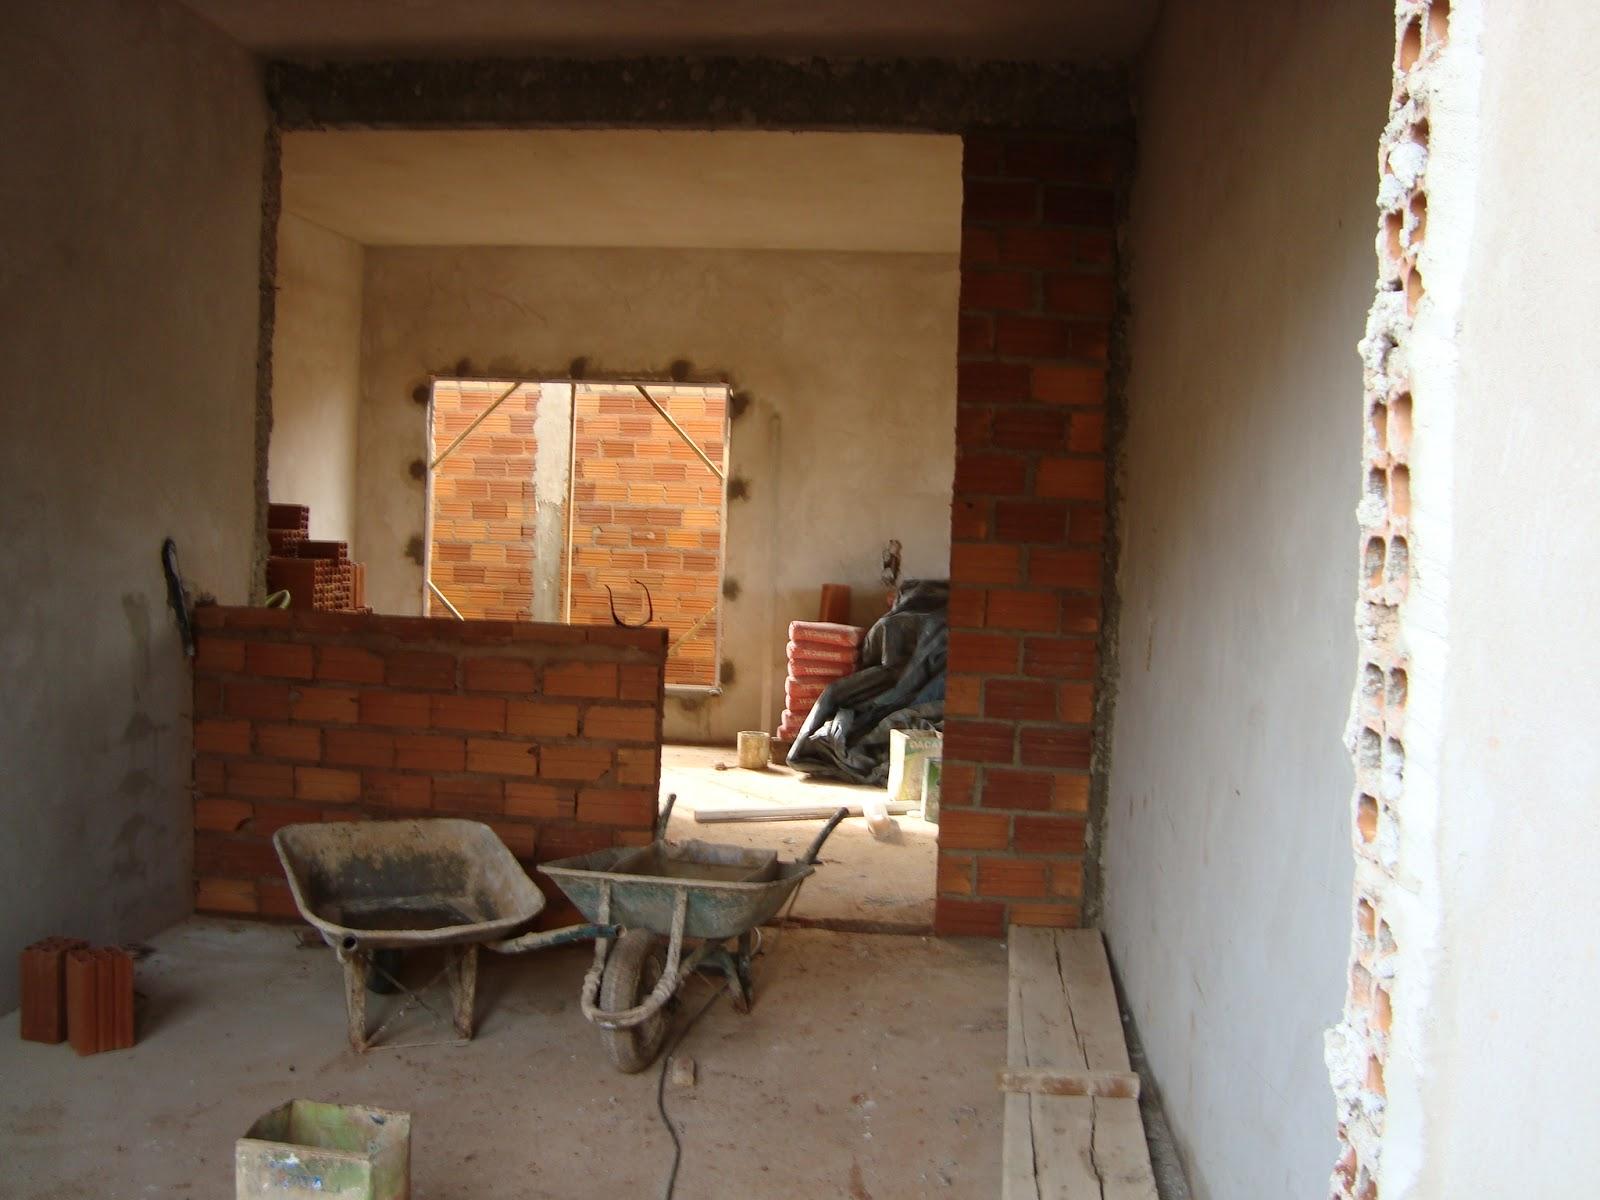 #9B5E30  esse espaço pequeno embaixo da janela pra fazer um armário ou pia 1600x1200 px Como Fazer Balcão De Cozinha Americana #1701 imagens